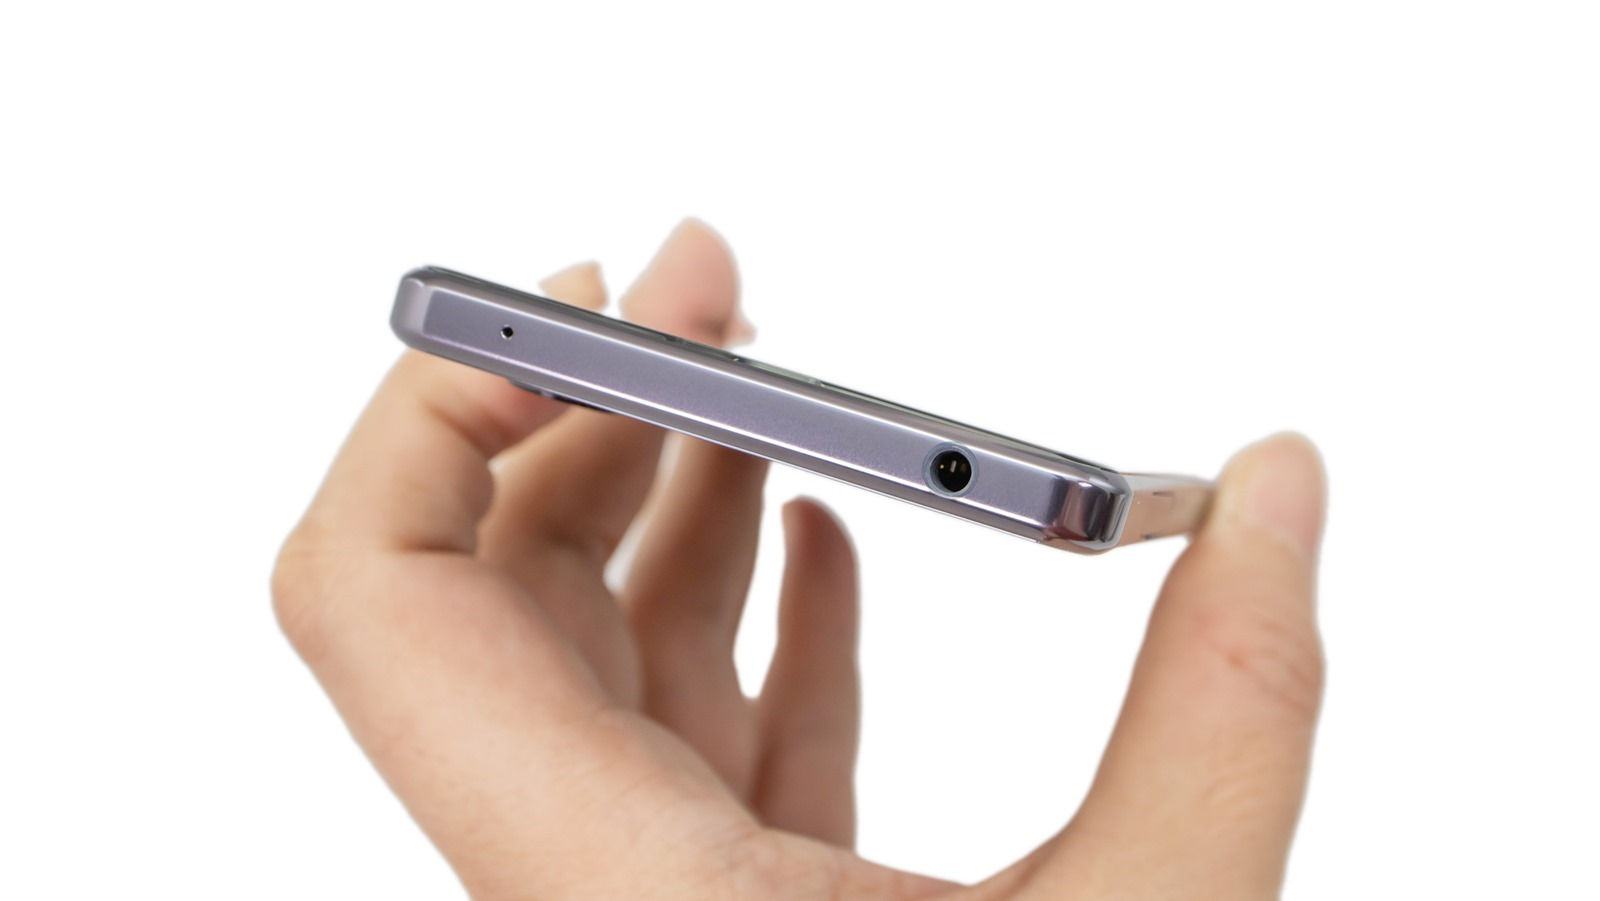 台版 Sony Xperia 1 II 開箱! (鏡紫),看看盒中有什麼?( Sony Xperia 1 II unboxing) @3C 達人廖阿輝